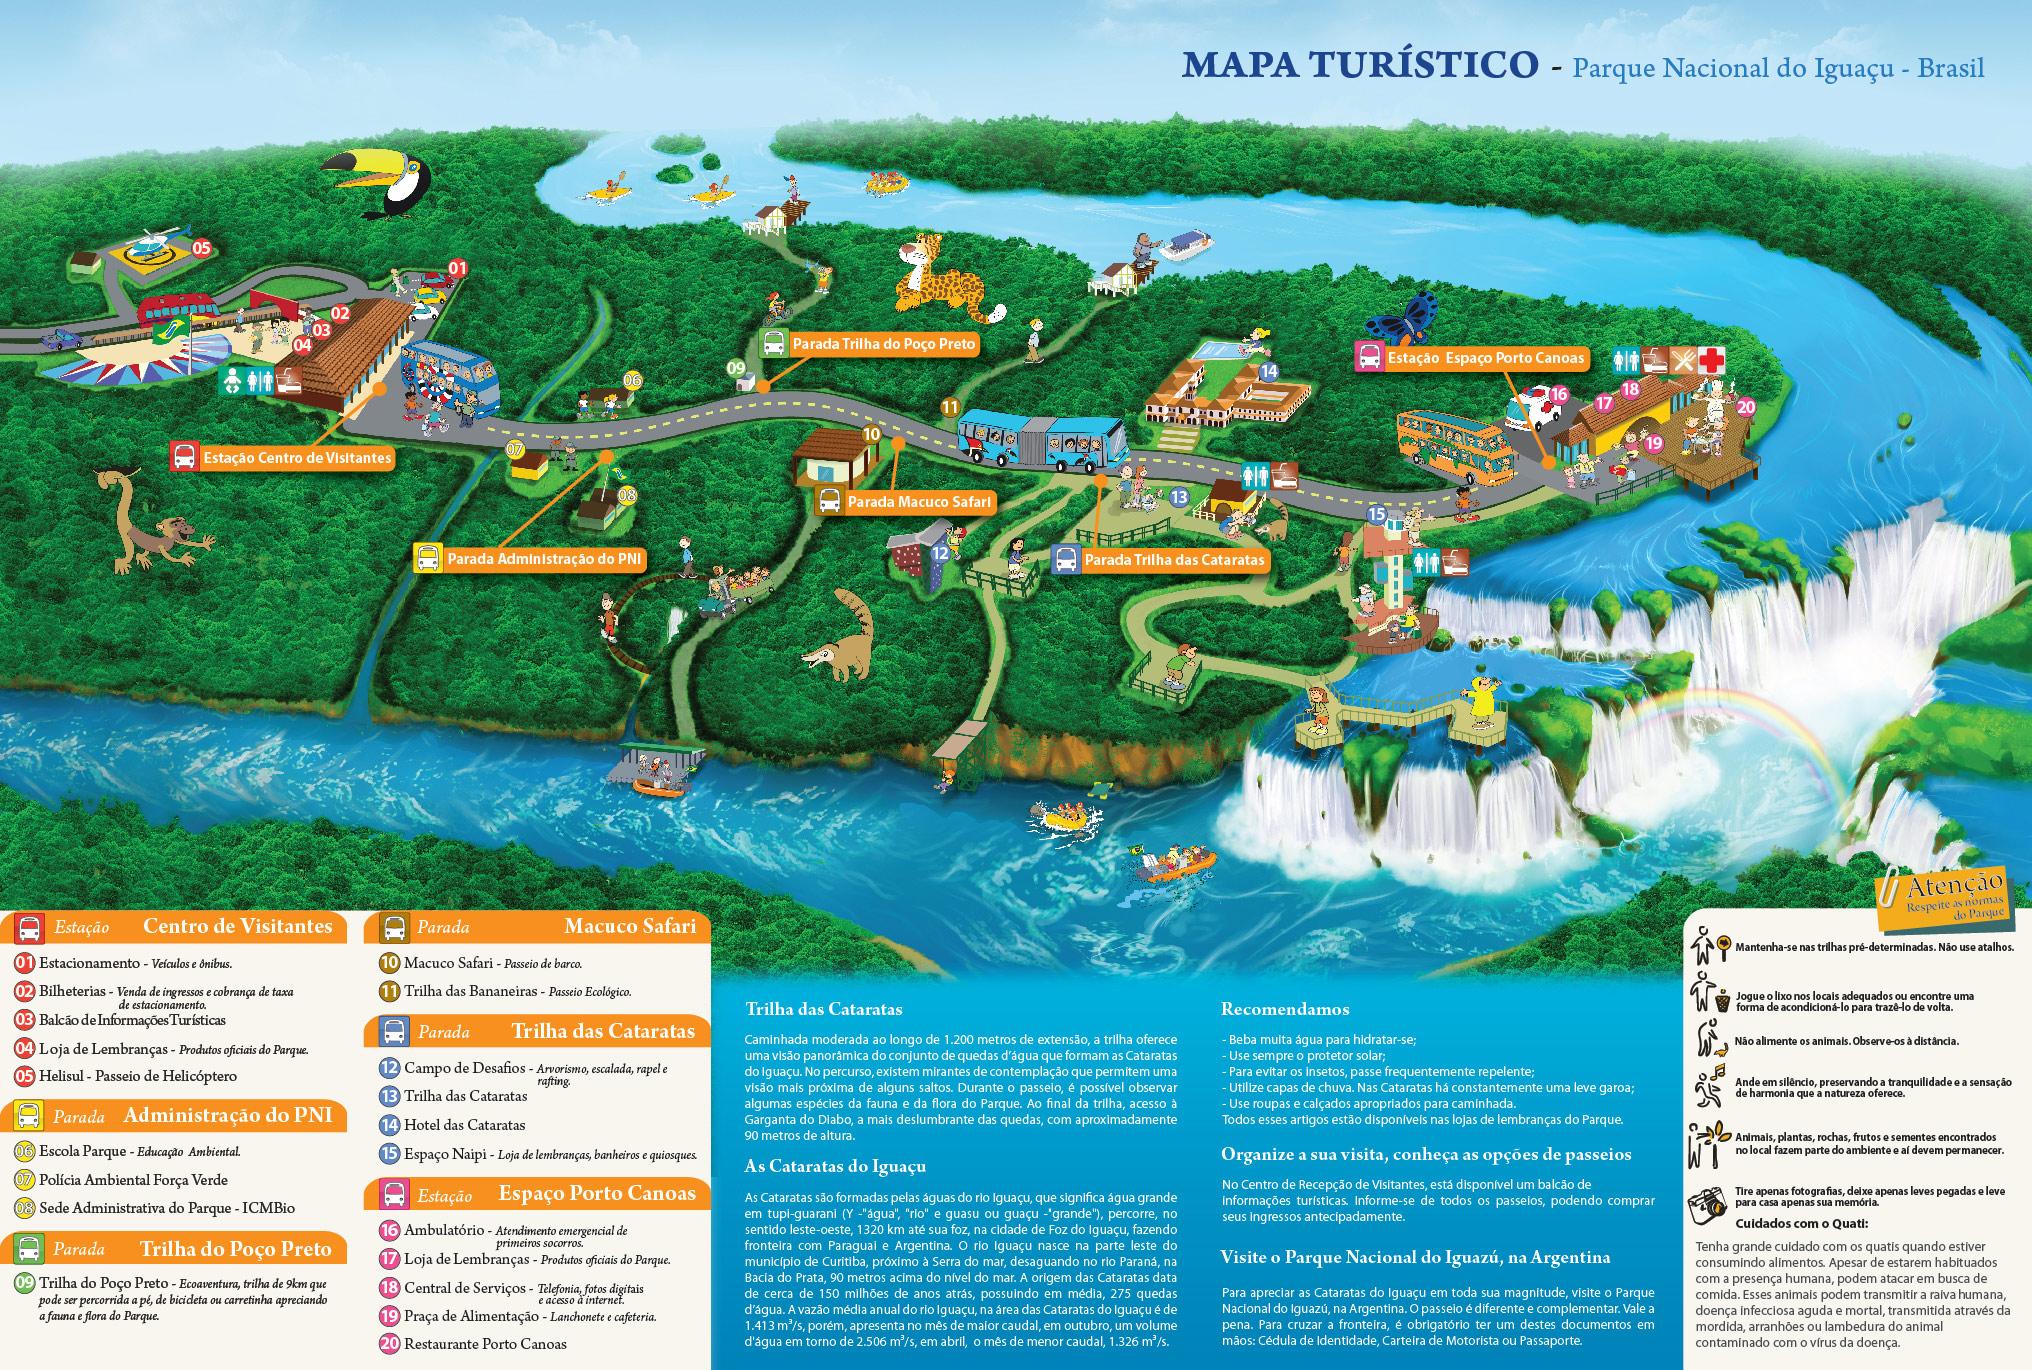 cataratas-do-iguacu-mapa-do-parque